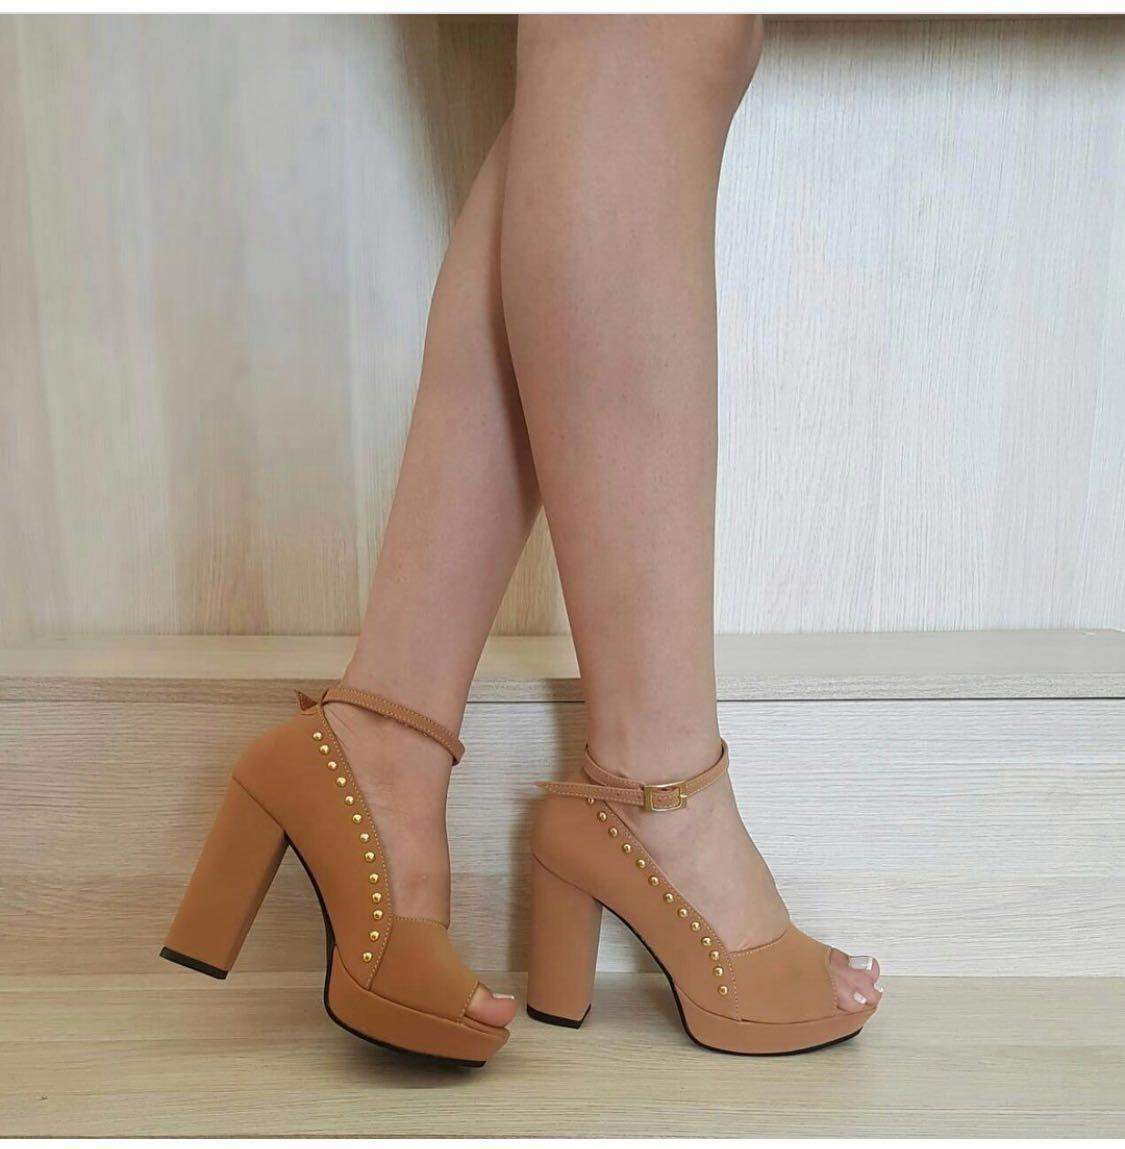 41a4772c tacones miel de moda mujeres los mejores estilos de zapato. Cargando zoom.